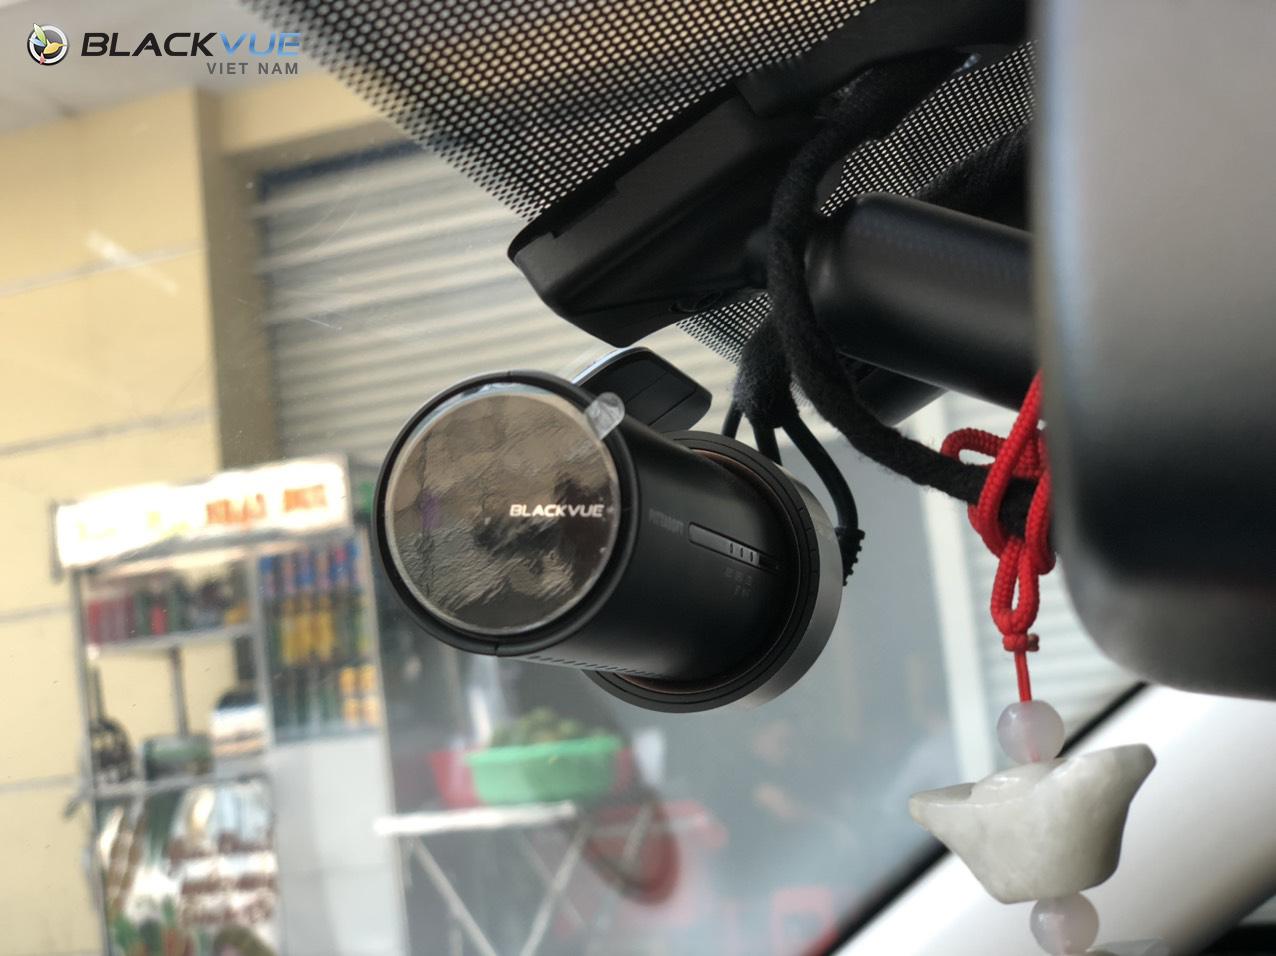 z2252641568678 b00d1fb3fa751302014f720455564b65 - Blackvue DR900X dành cho người thích sự hoàn mĩ